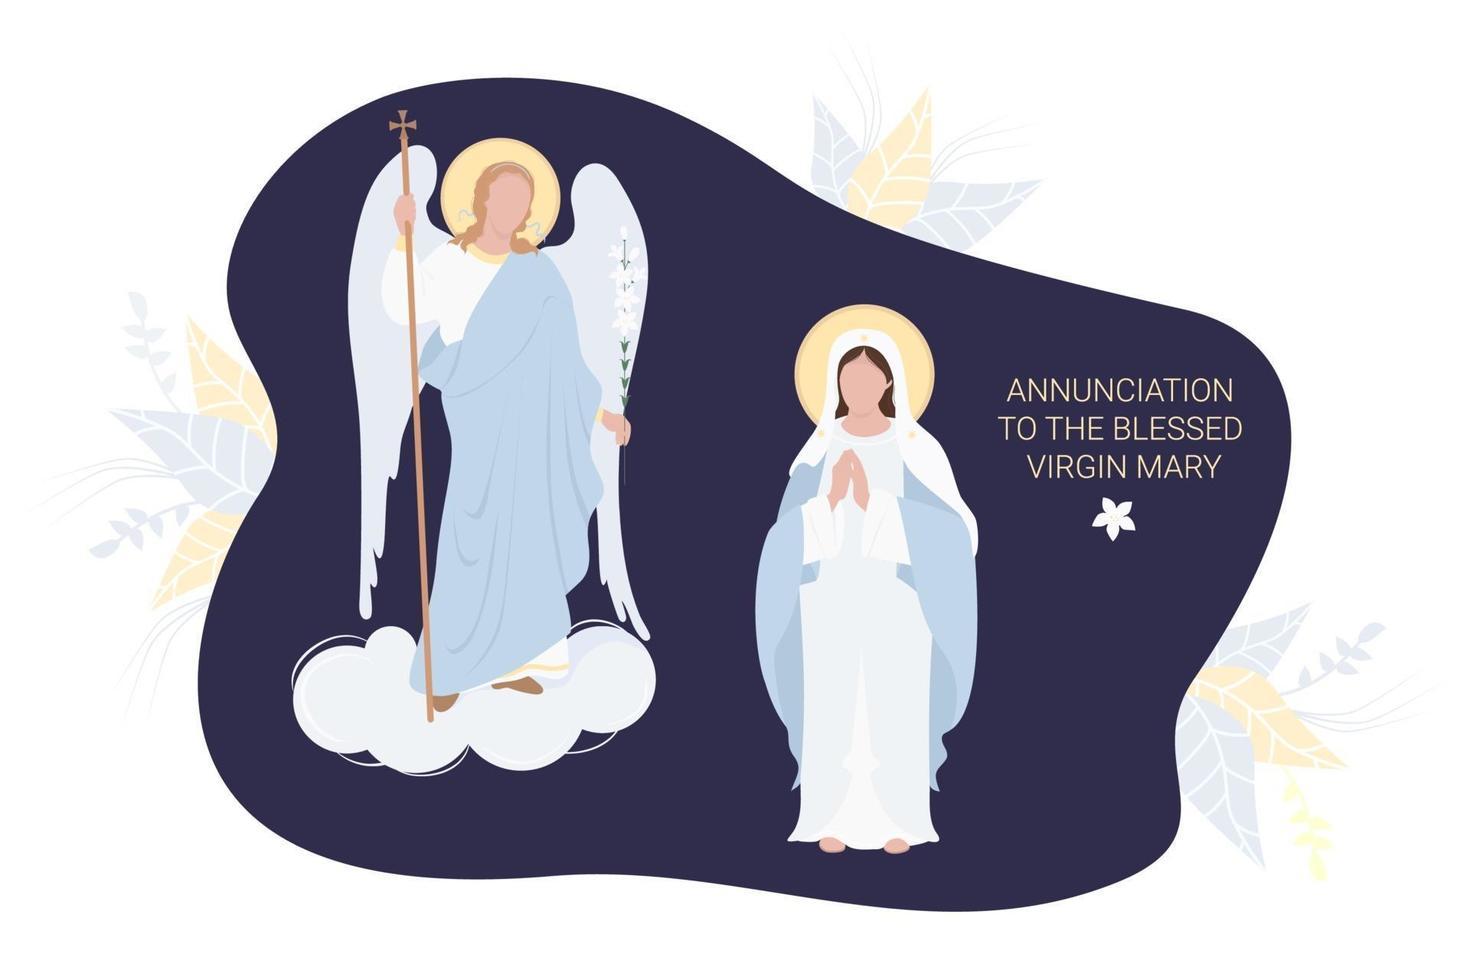 anunciação à bem-aventurada virgem maria. a virgem maria em uma maforia azul reza humildemente e o arcanjo Gabriel com um lírio. vetor. para comunidades cristãs e católicas, feriado religioso cartão-postal vetor